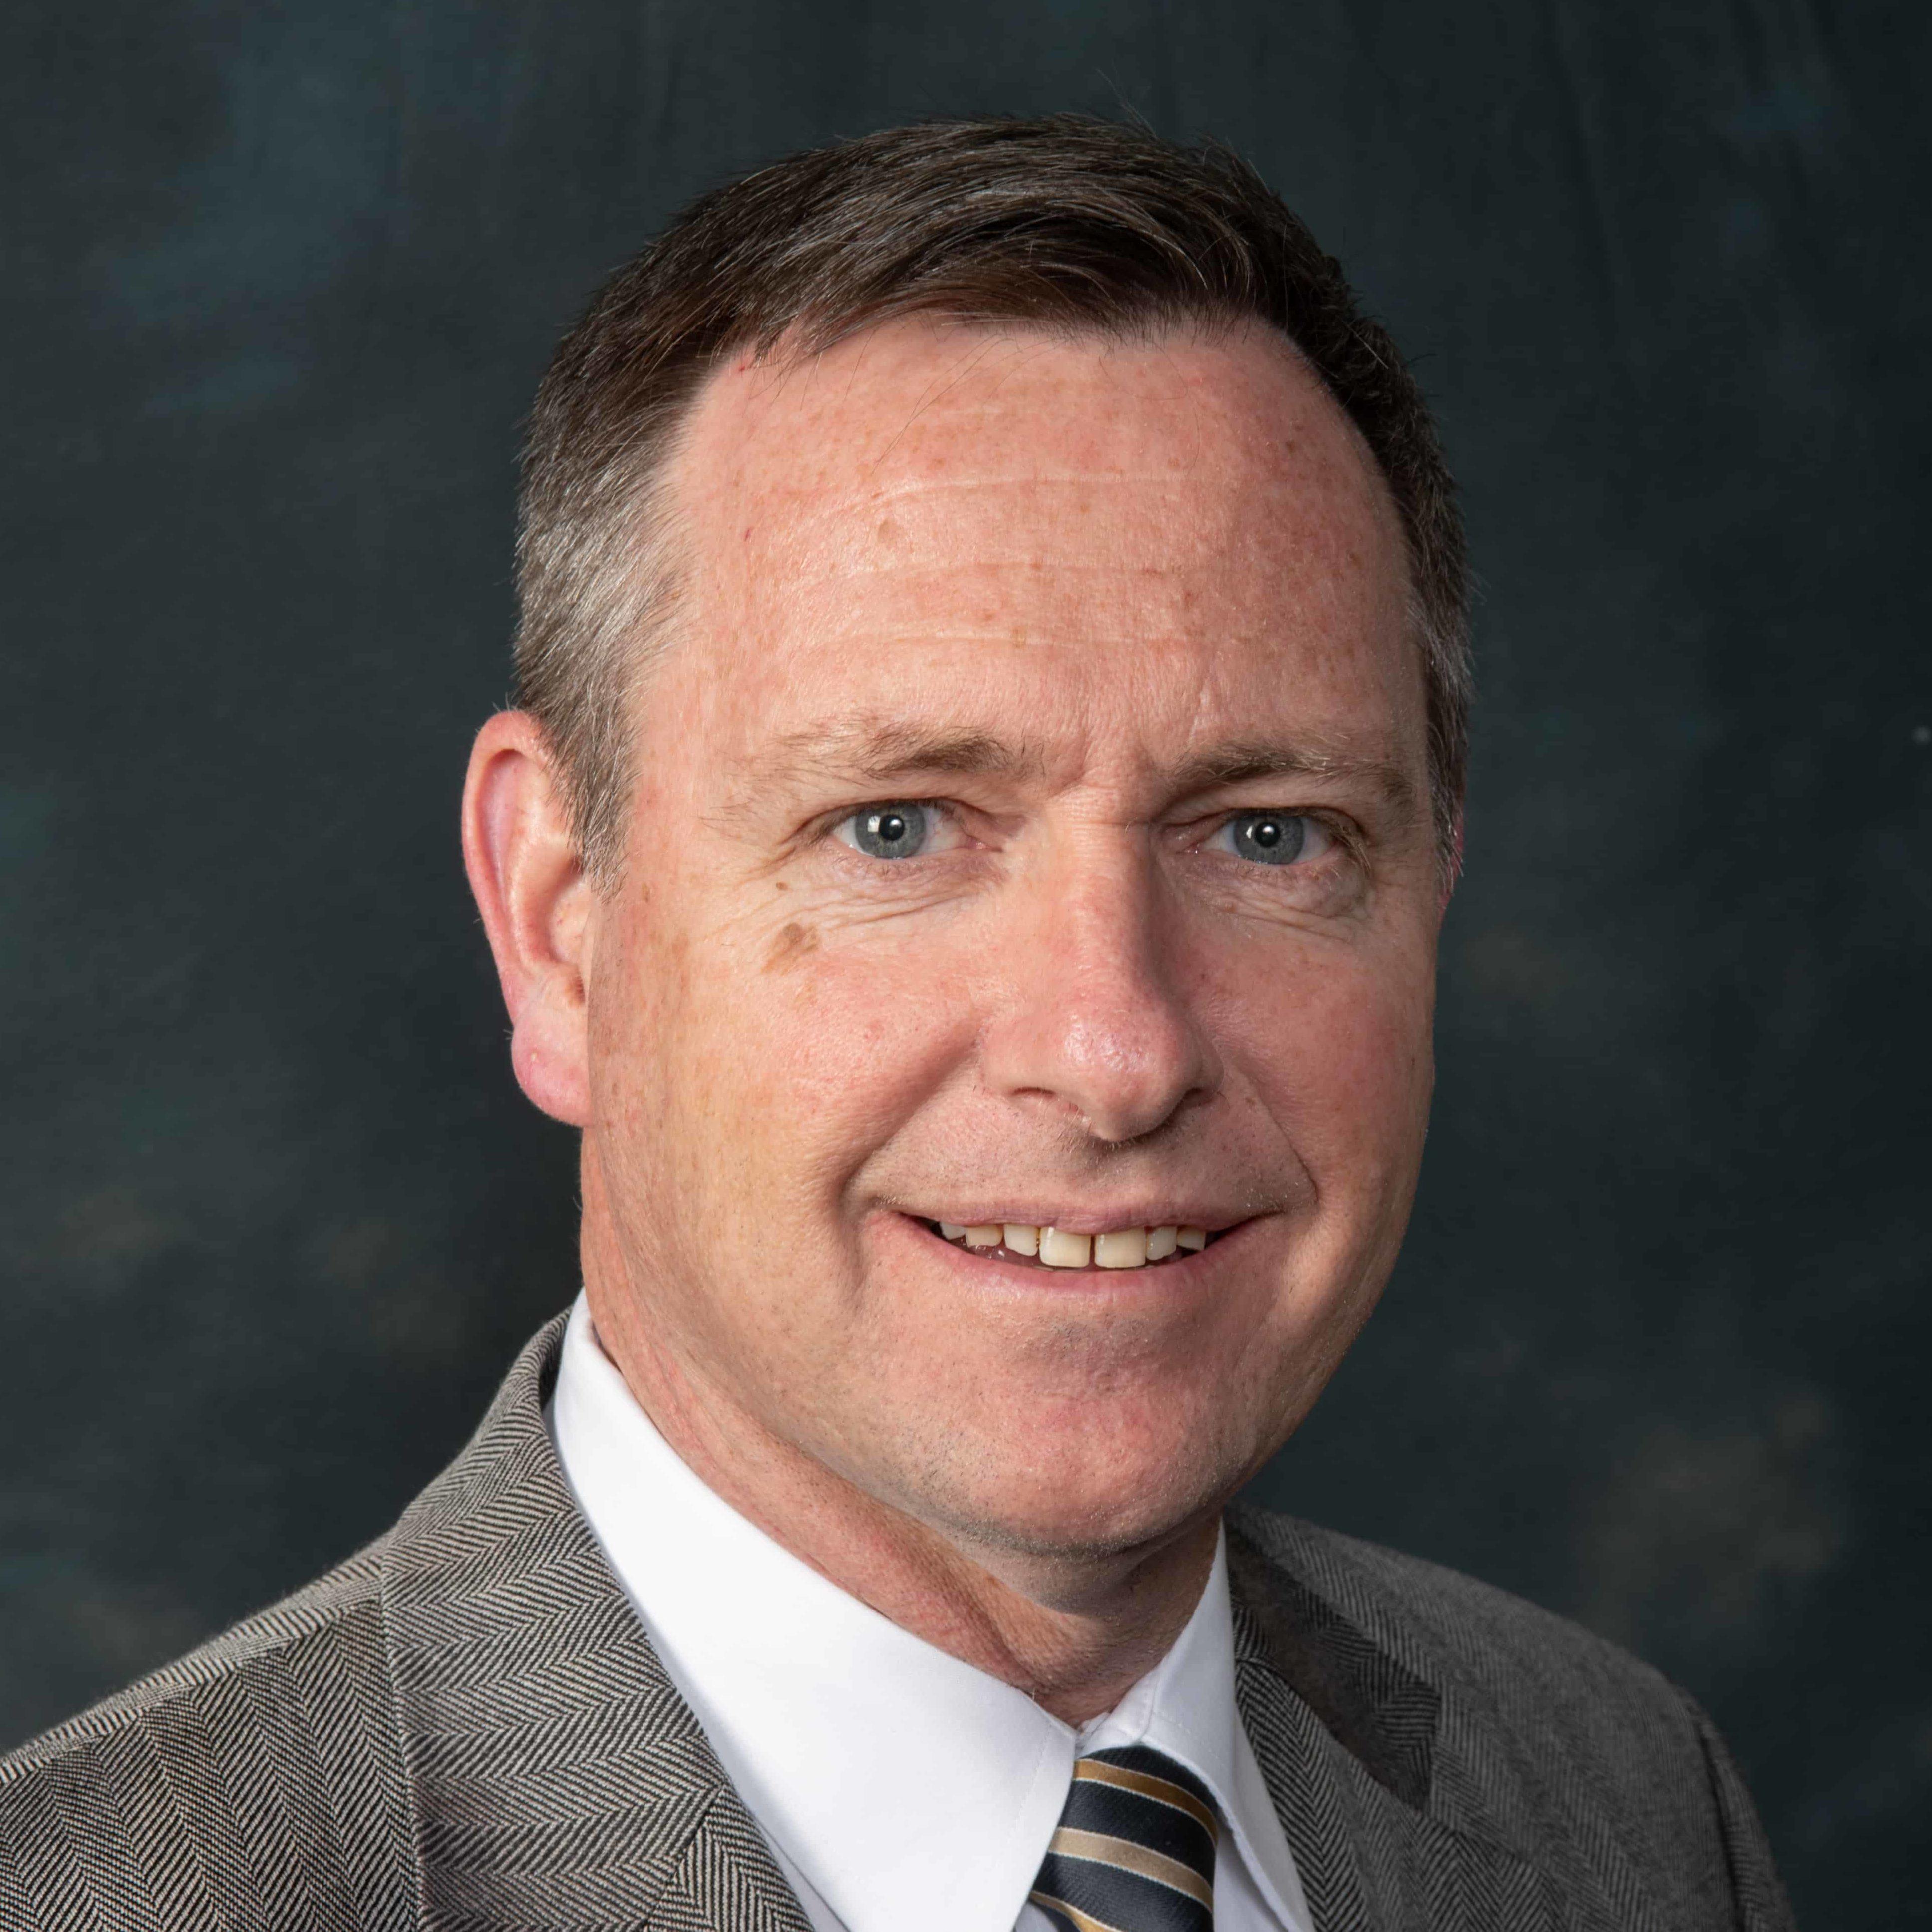 David L. Bartlett, MD